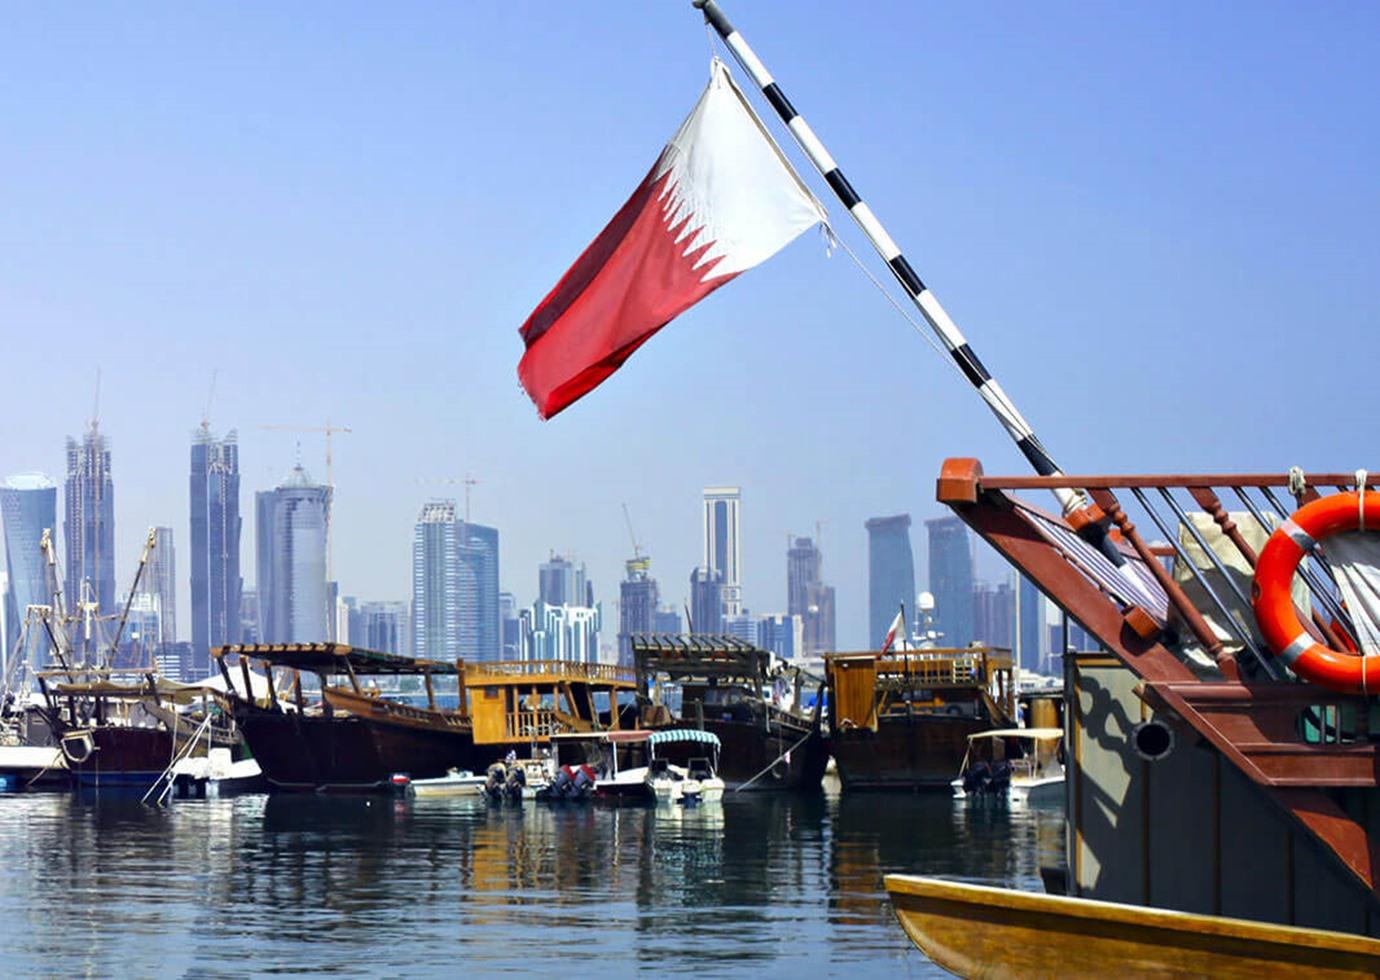 Qatar : Les réformes doivent inclure le droit de réunion et d'association